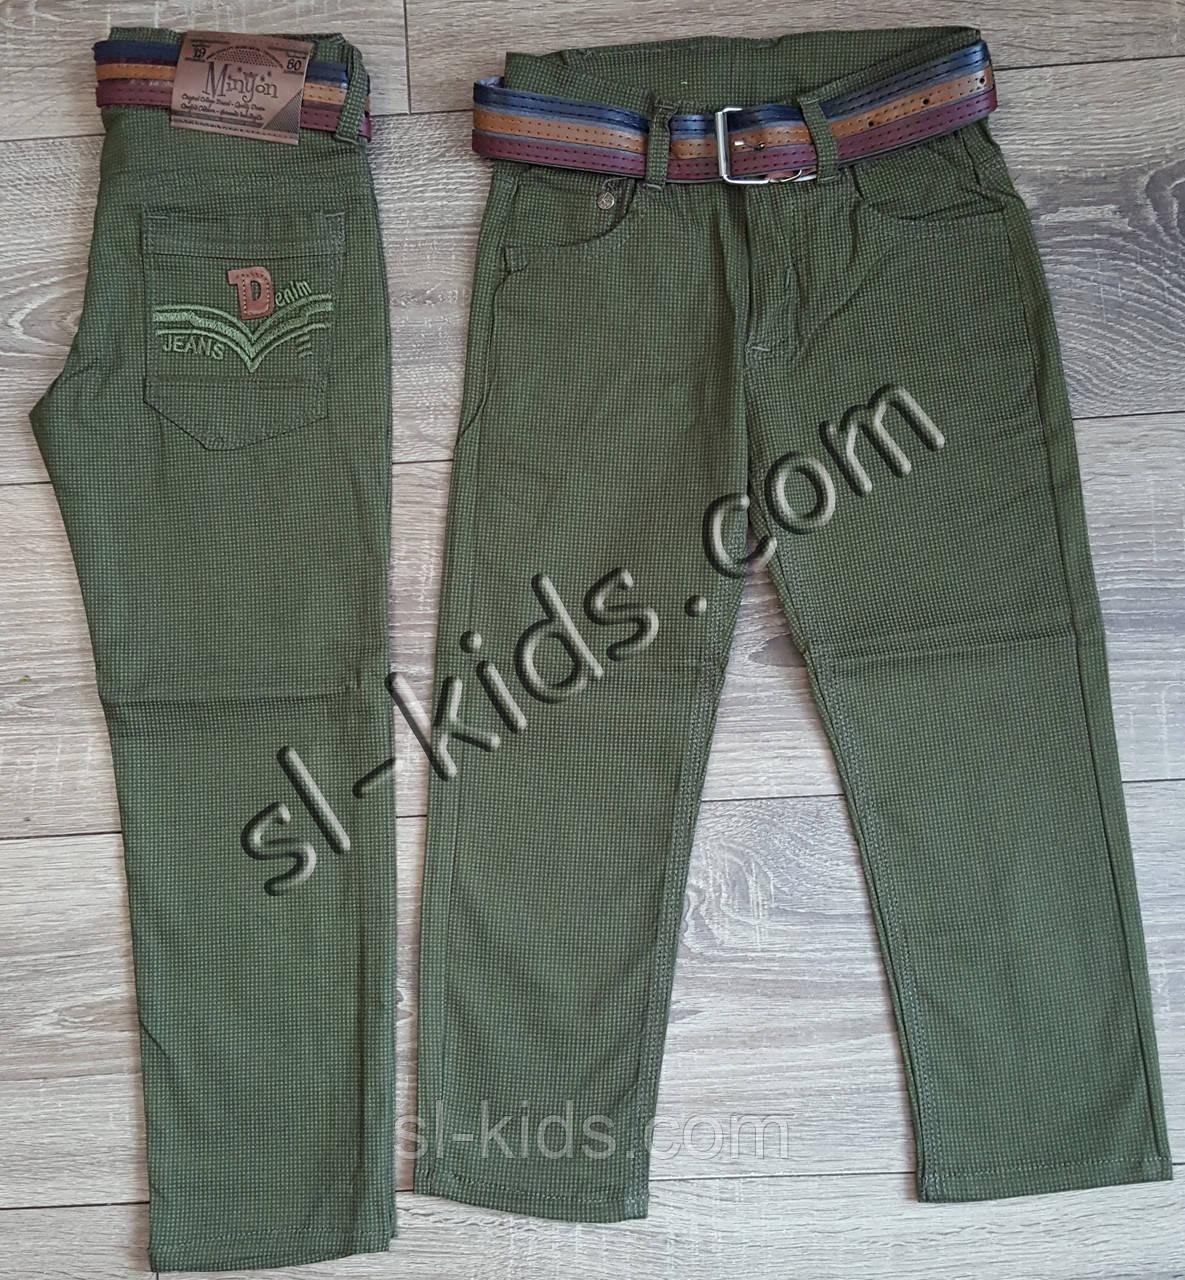 Яркие штаны,джинсы для мальчика 3-7 лет(ромбик оливковые) розн пр.Турция